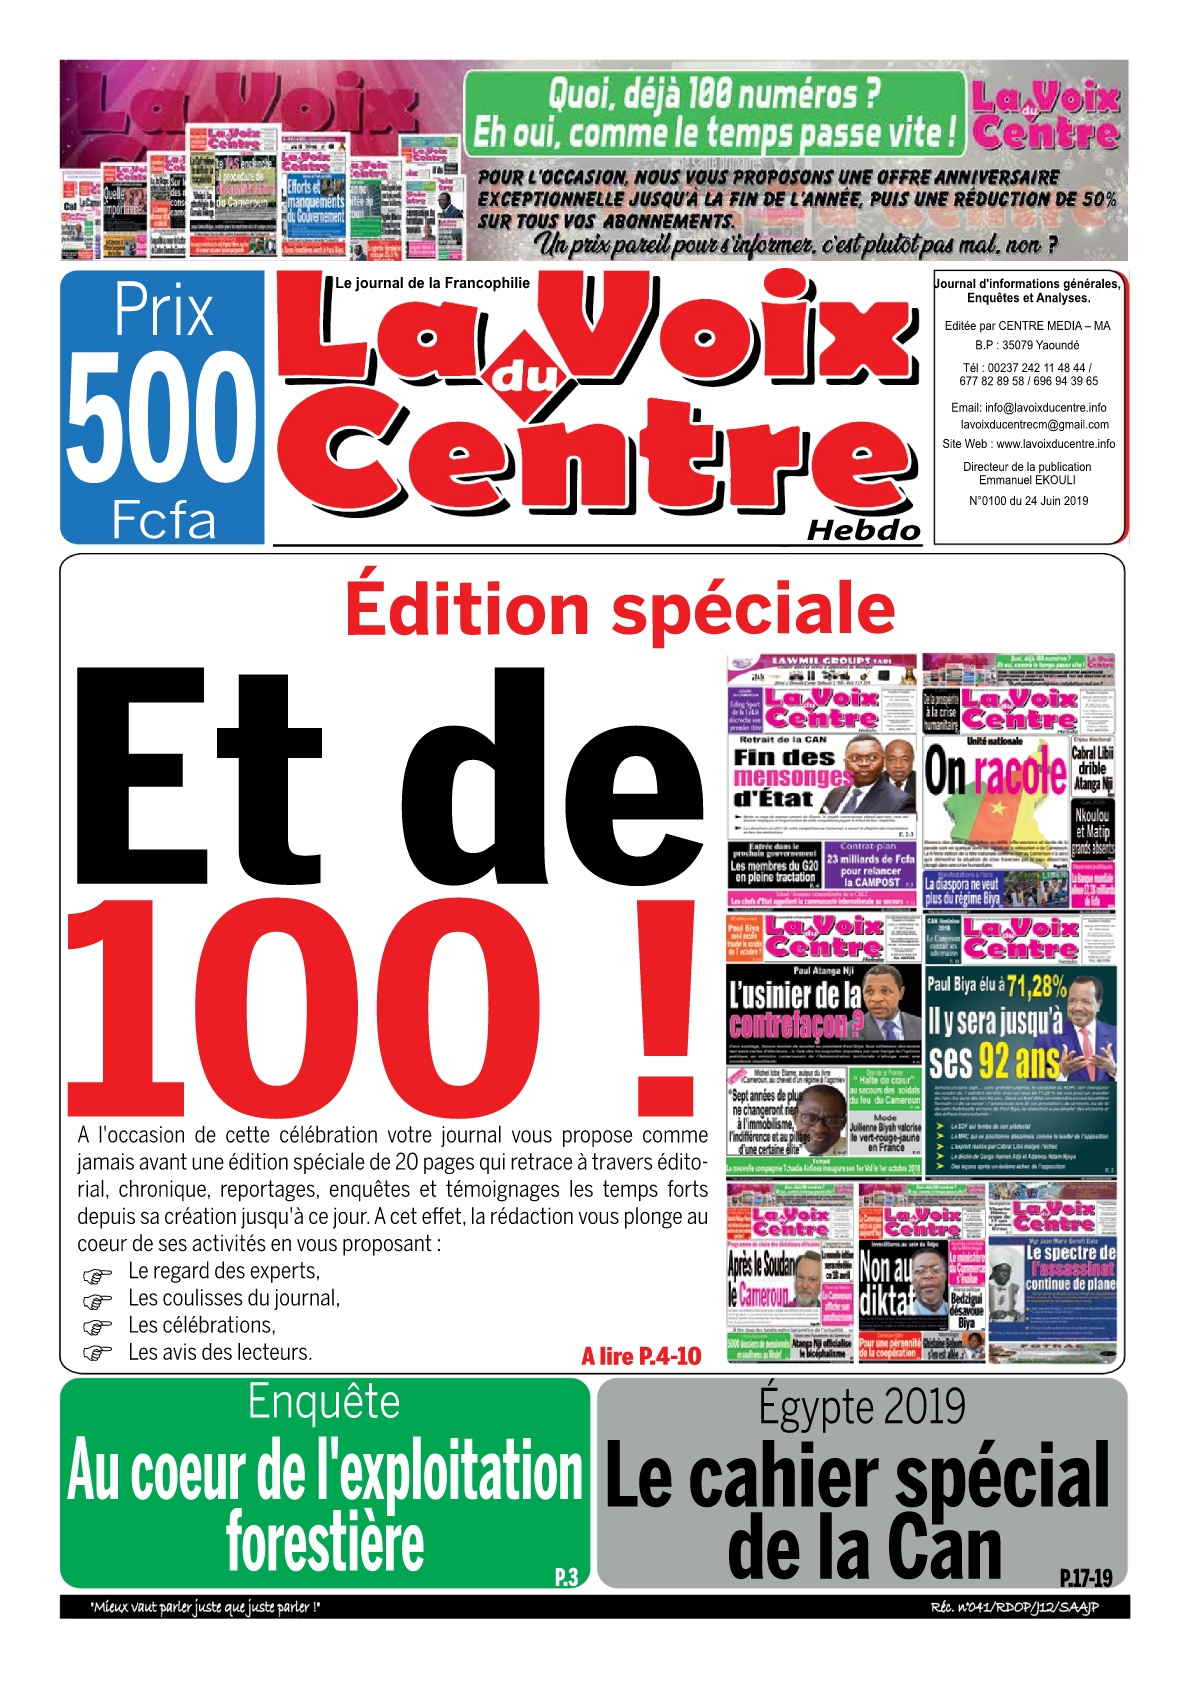 LA VOIX DU CENTRE - 24/06/2019